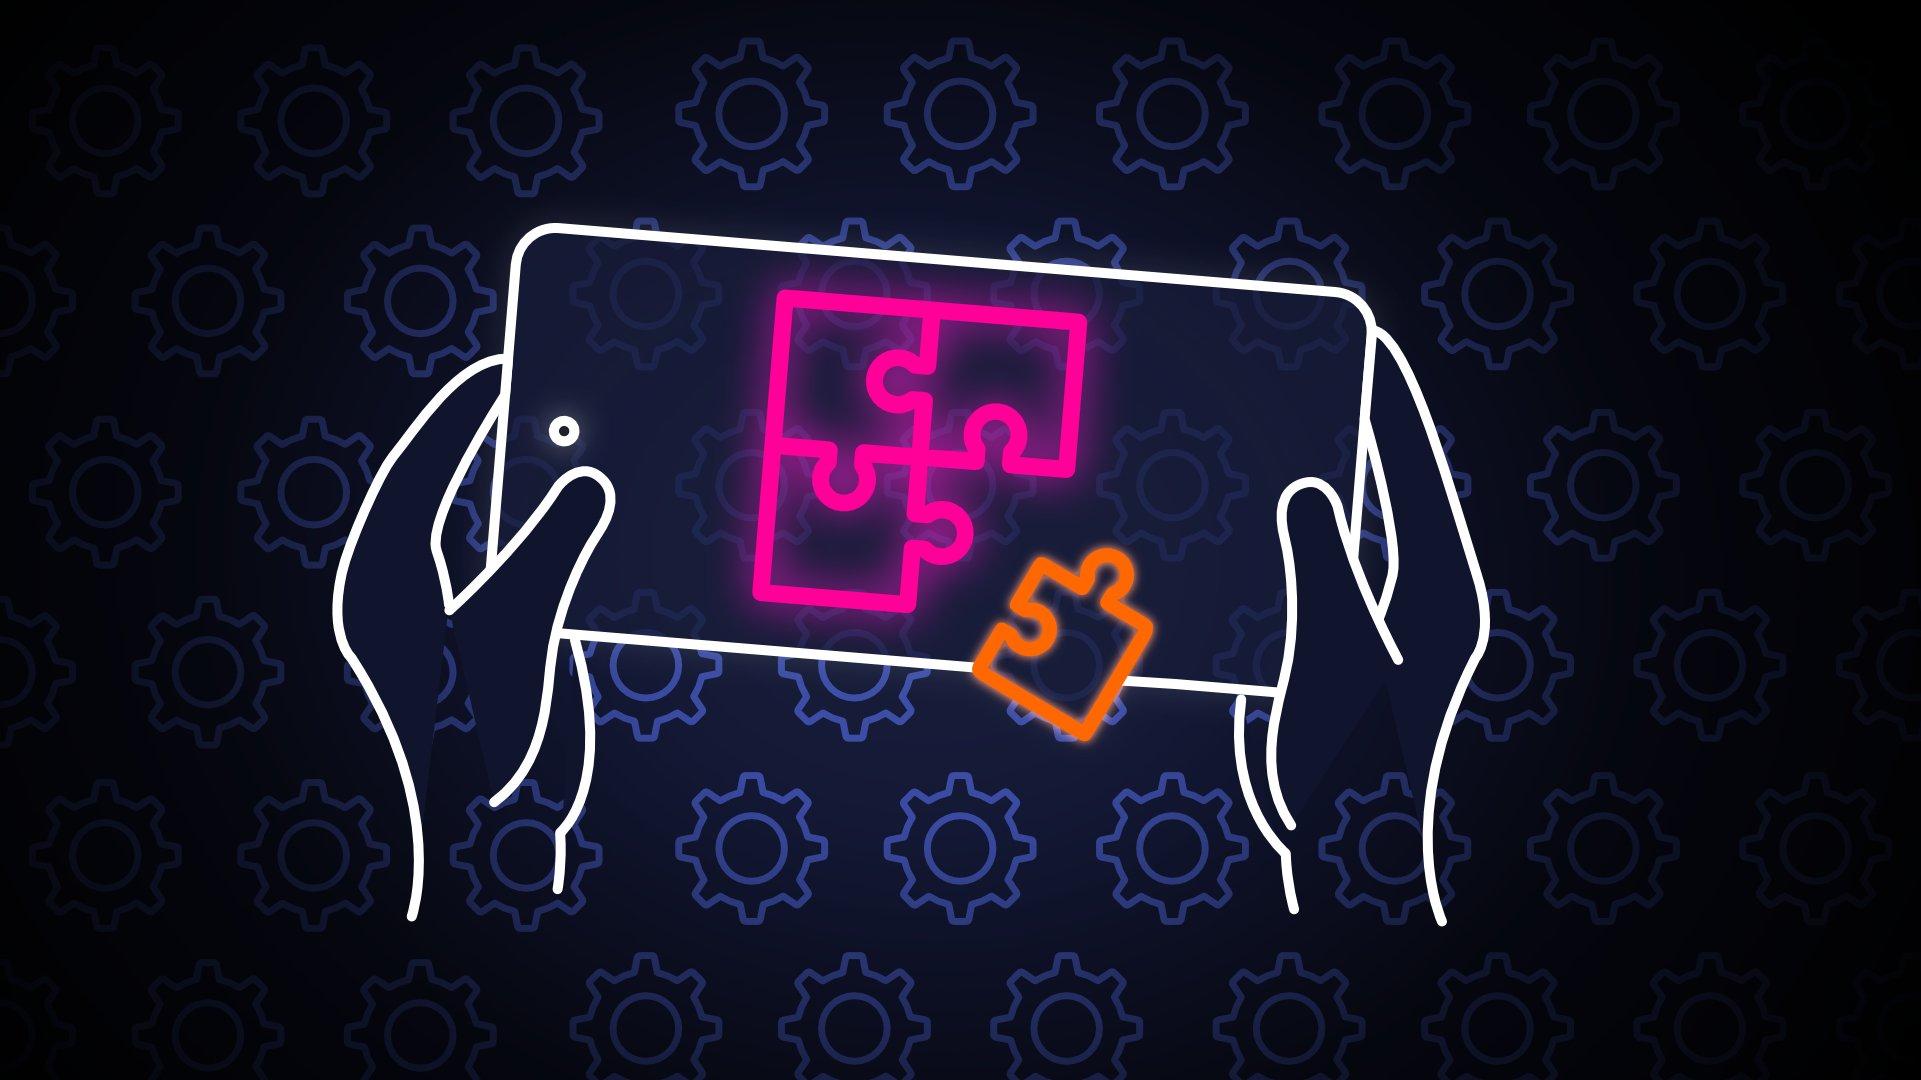 Les Meilleurs Jeux De Réflexion Gratuits Et Payants Sur Android serapportantà Jeux Ou Il Faut Retrouver Des Objets